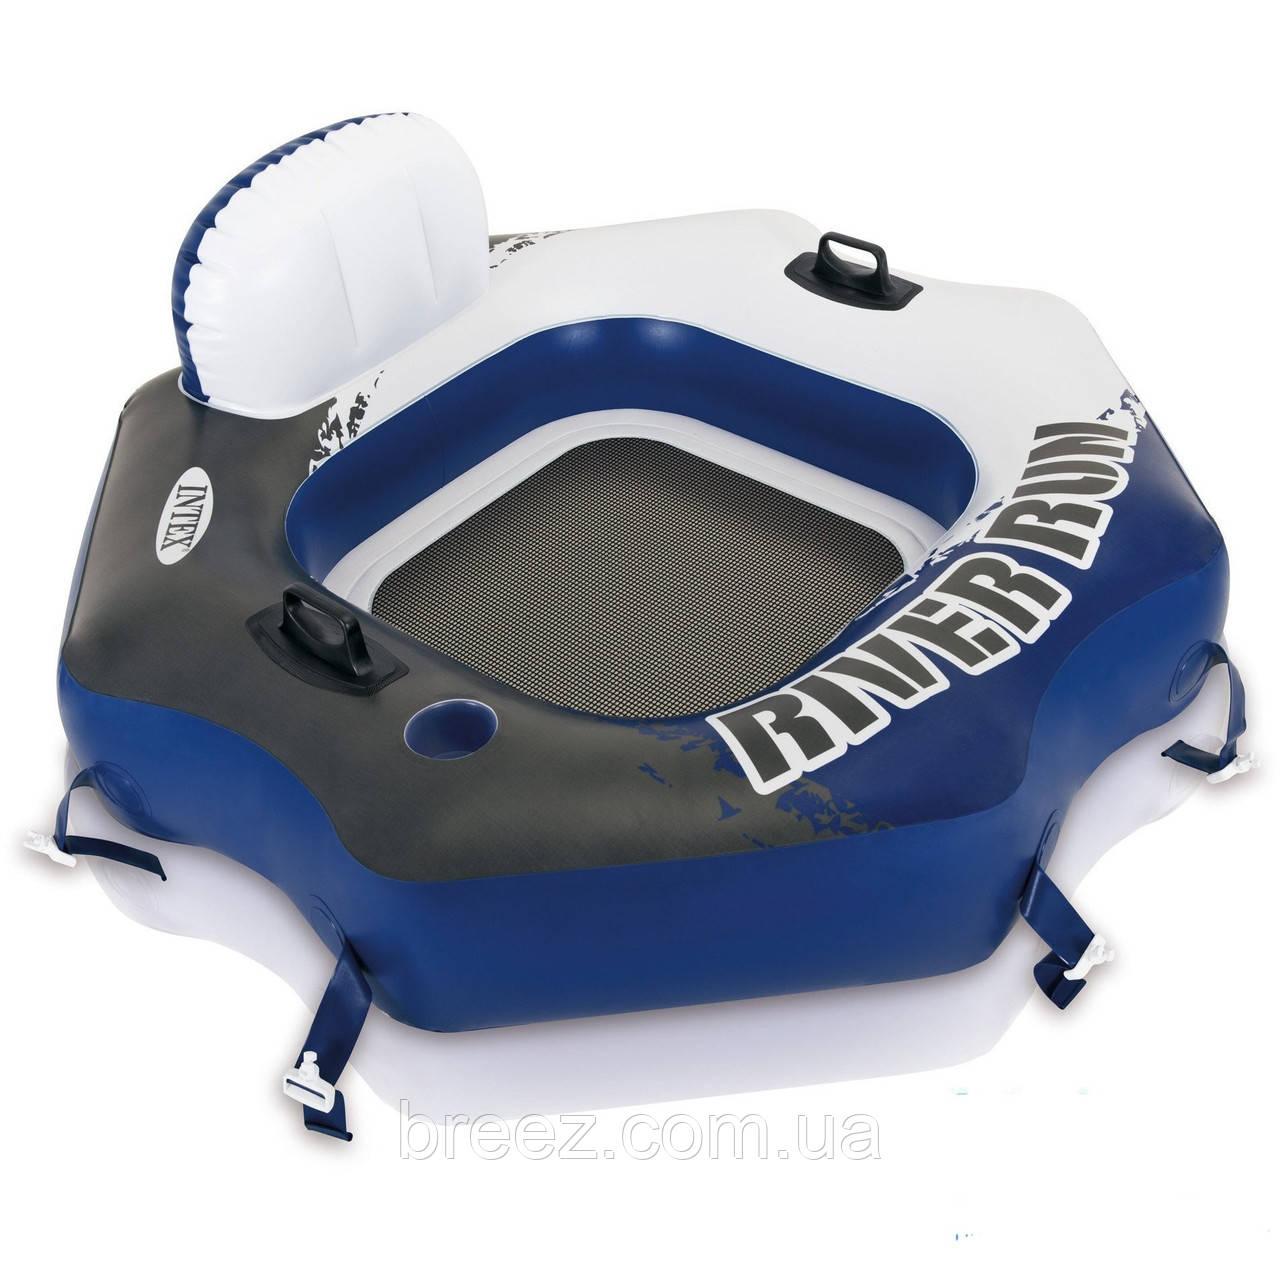 Надувной кресло-круг для плавания Intex River Run 130 х 126 см со спинкой, держателями для рук и подголовник